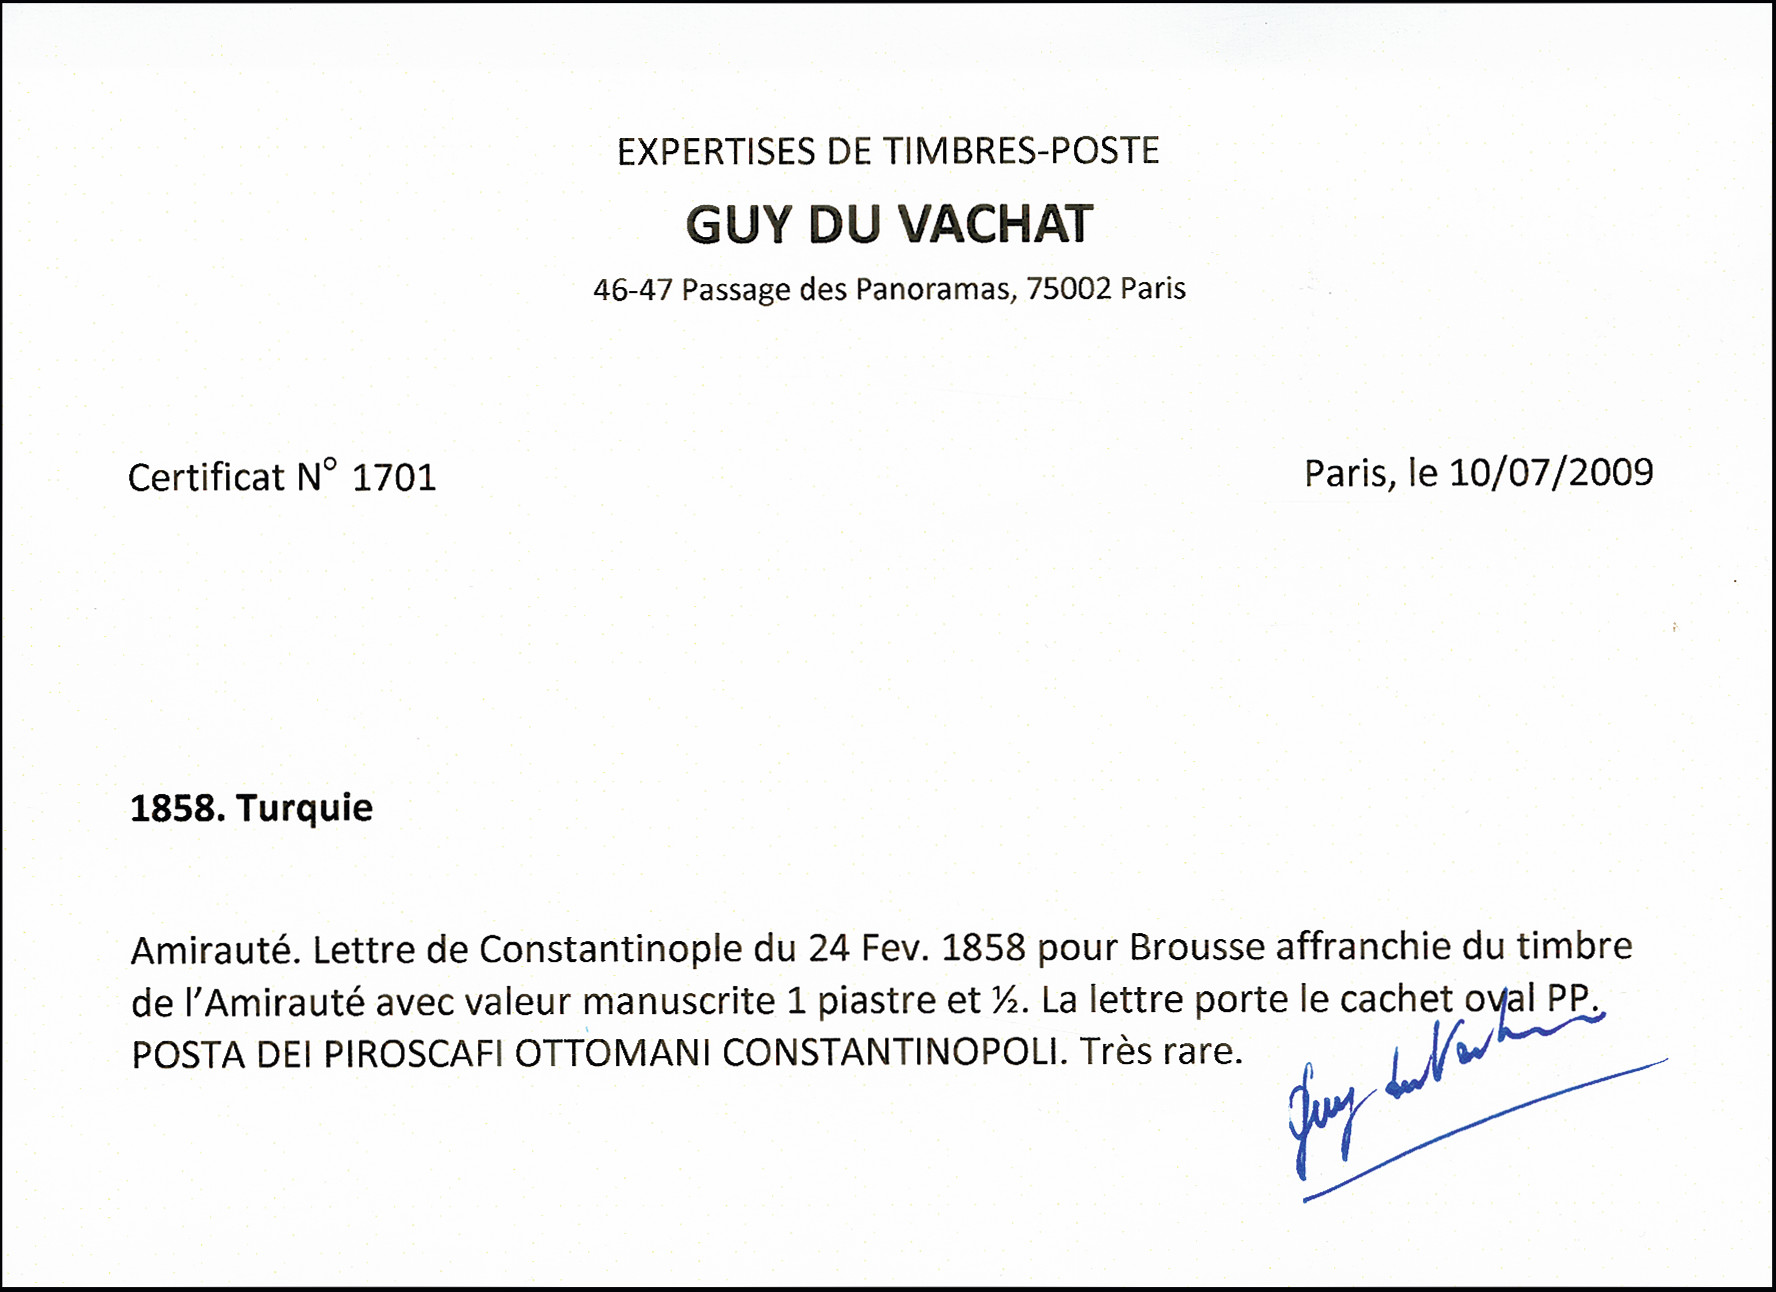 Lot 6004 - thrace Turkey - Ship mail issues, Ship Mail -  Heinrich Koehler Auktionen 373rd Heinrich Köhler auction - Day 1